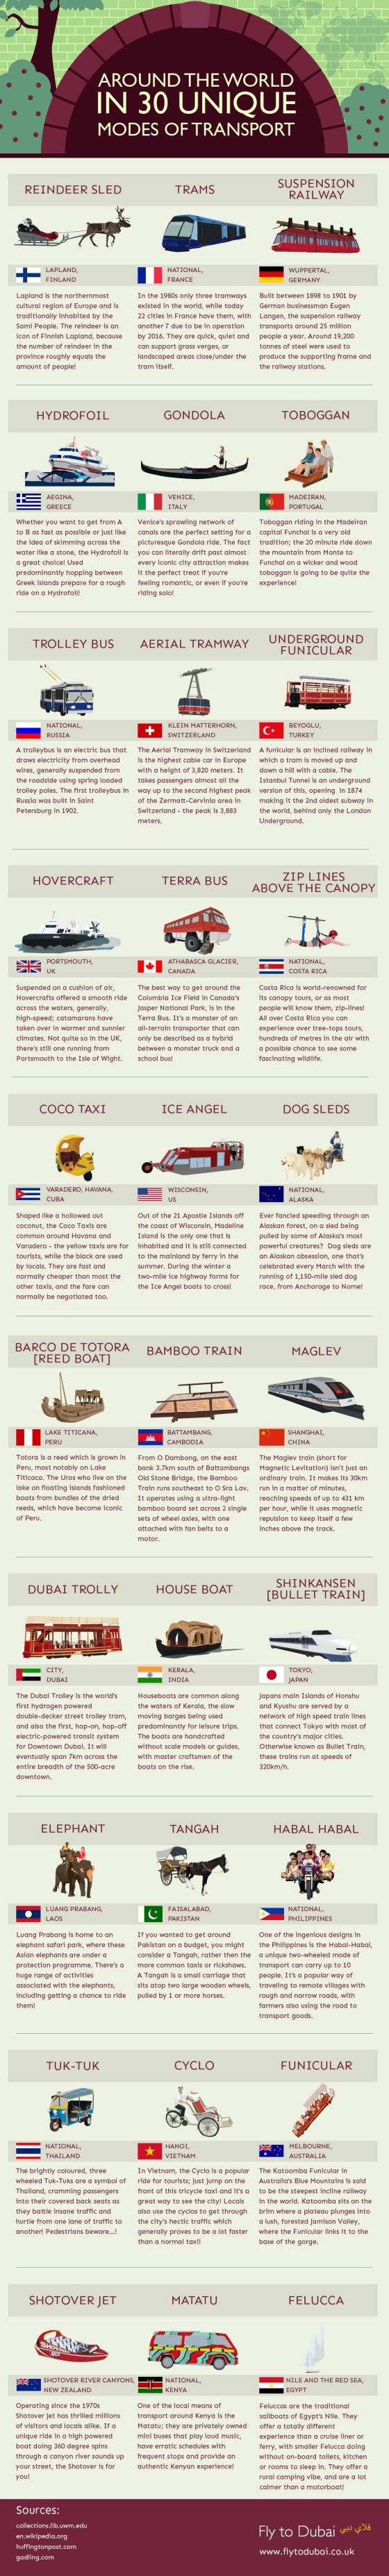 30 medios de transporte únicos alrededor del Mundo